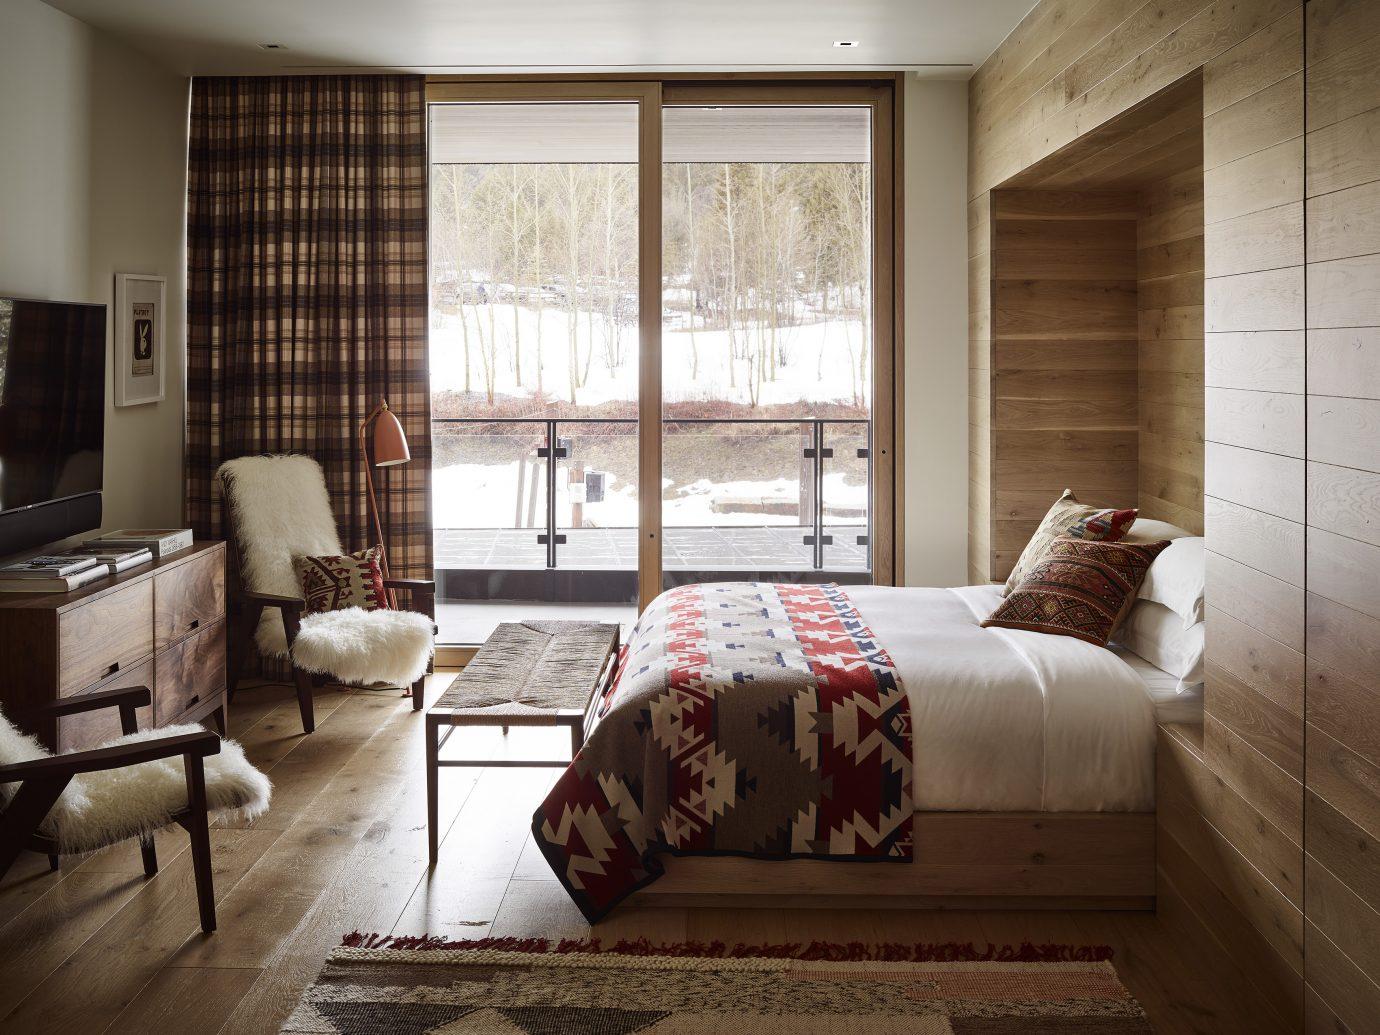 Bedroom at Caldera House